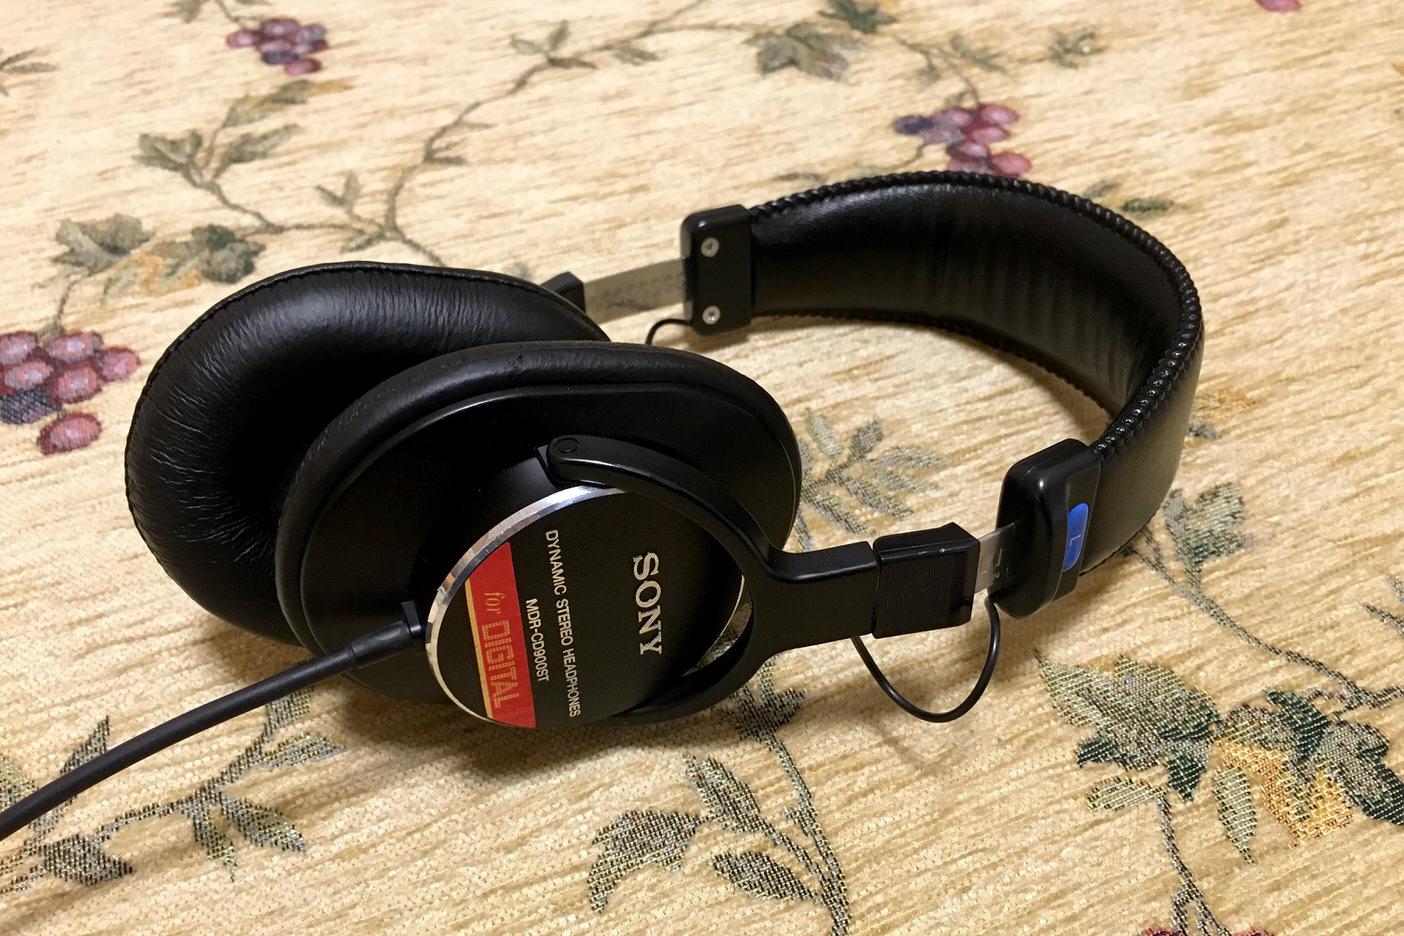 Sony mdr cd900st